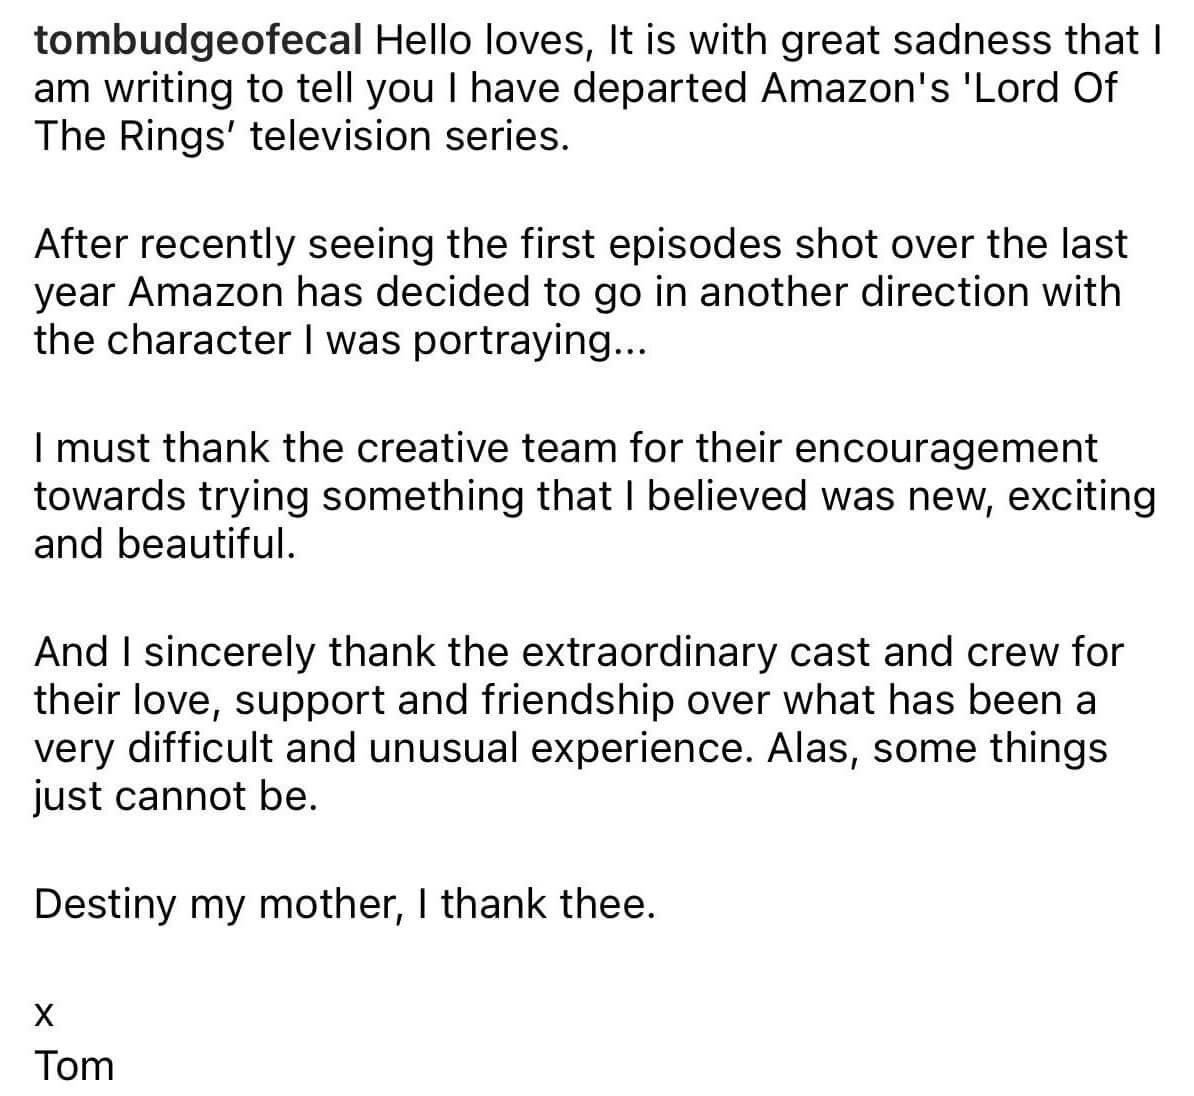 کنارهگیری تام باج از بازی در سریال ارباب حلقهها